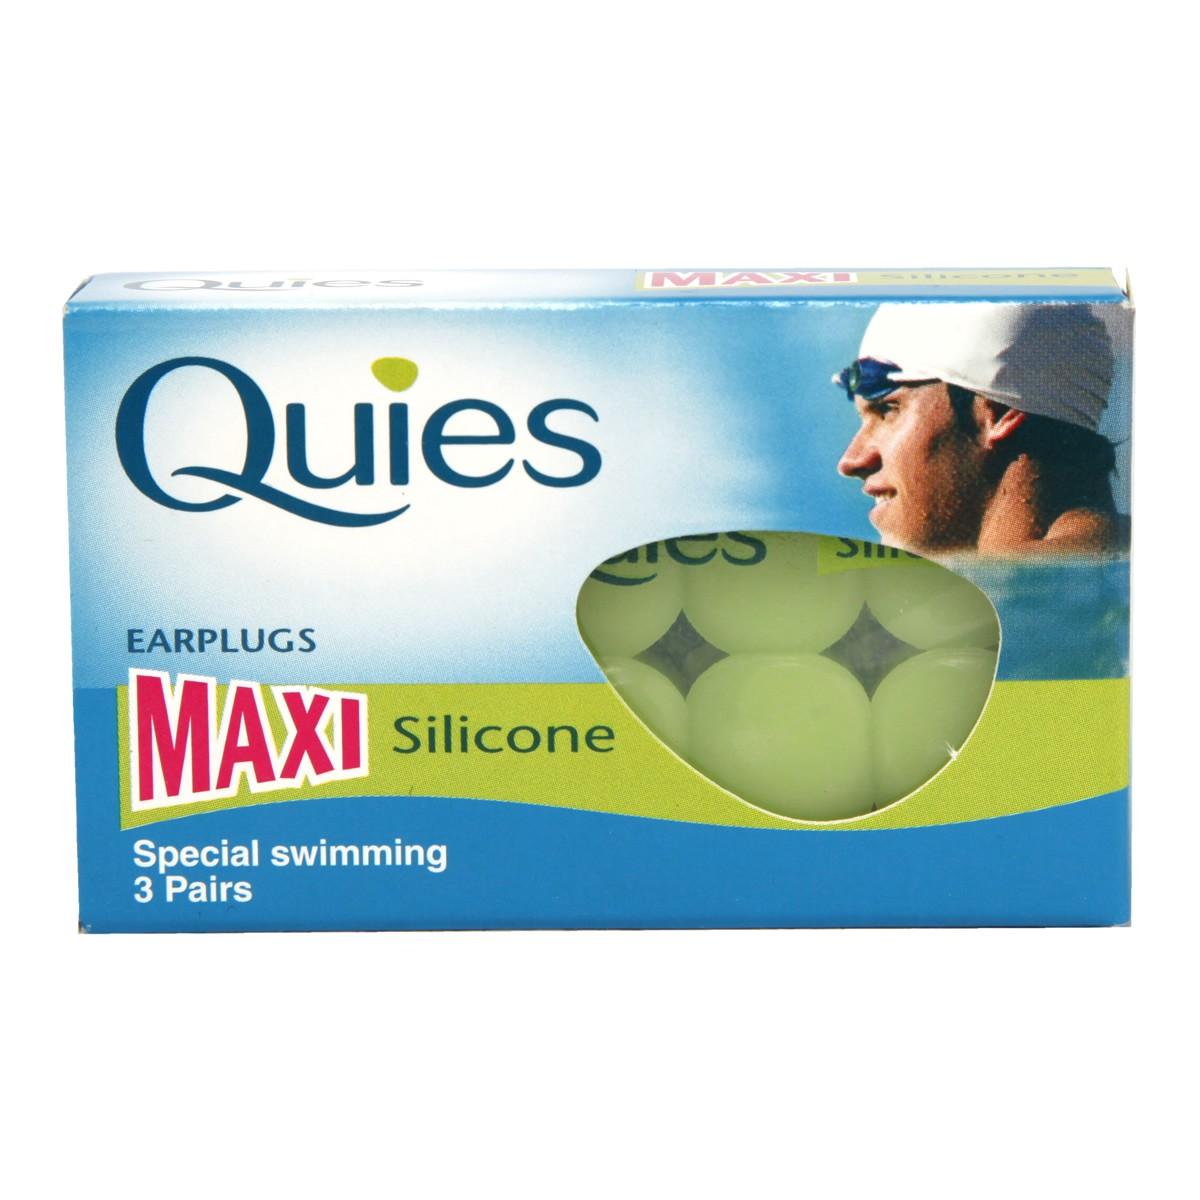 Quies Maxi Silicone Earplugs